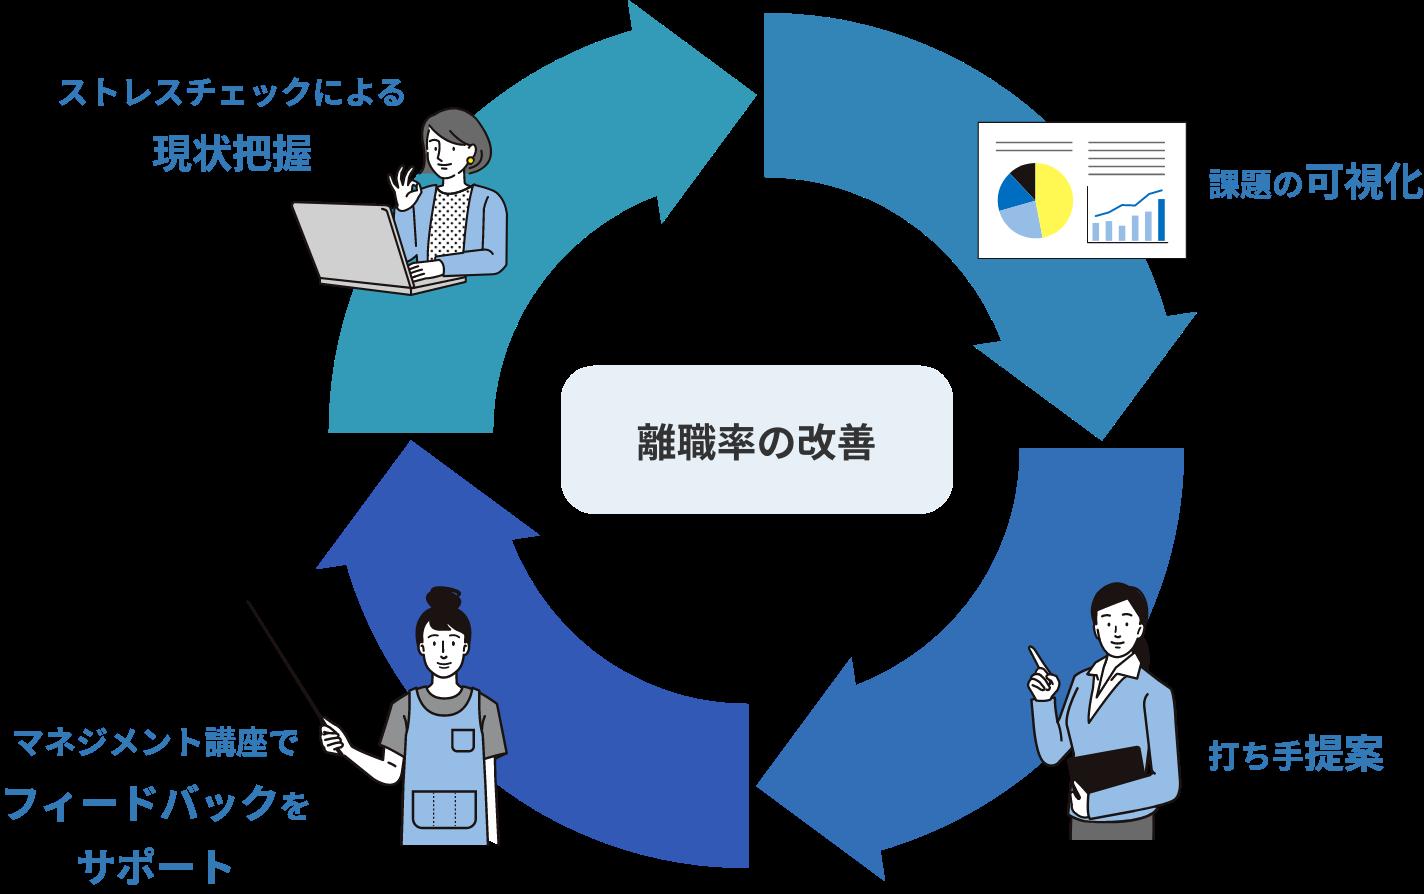 ストレスチェックによる現状把握、課題の可視化、打ち手提案、マネジメント講座でフィードバックをサポート